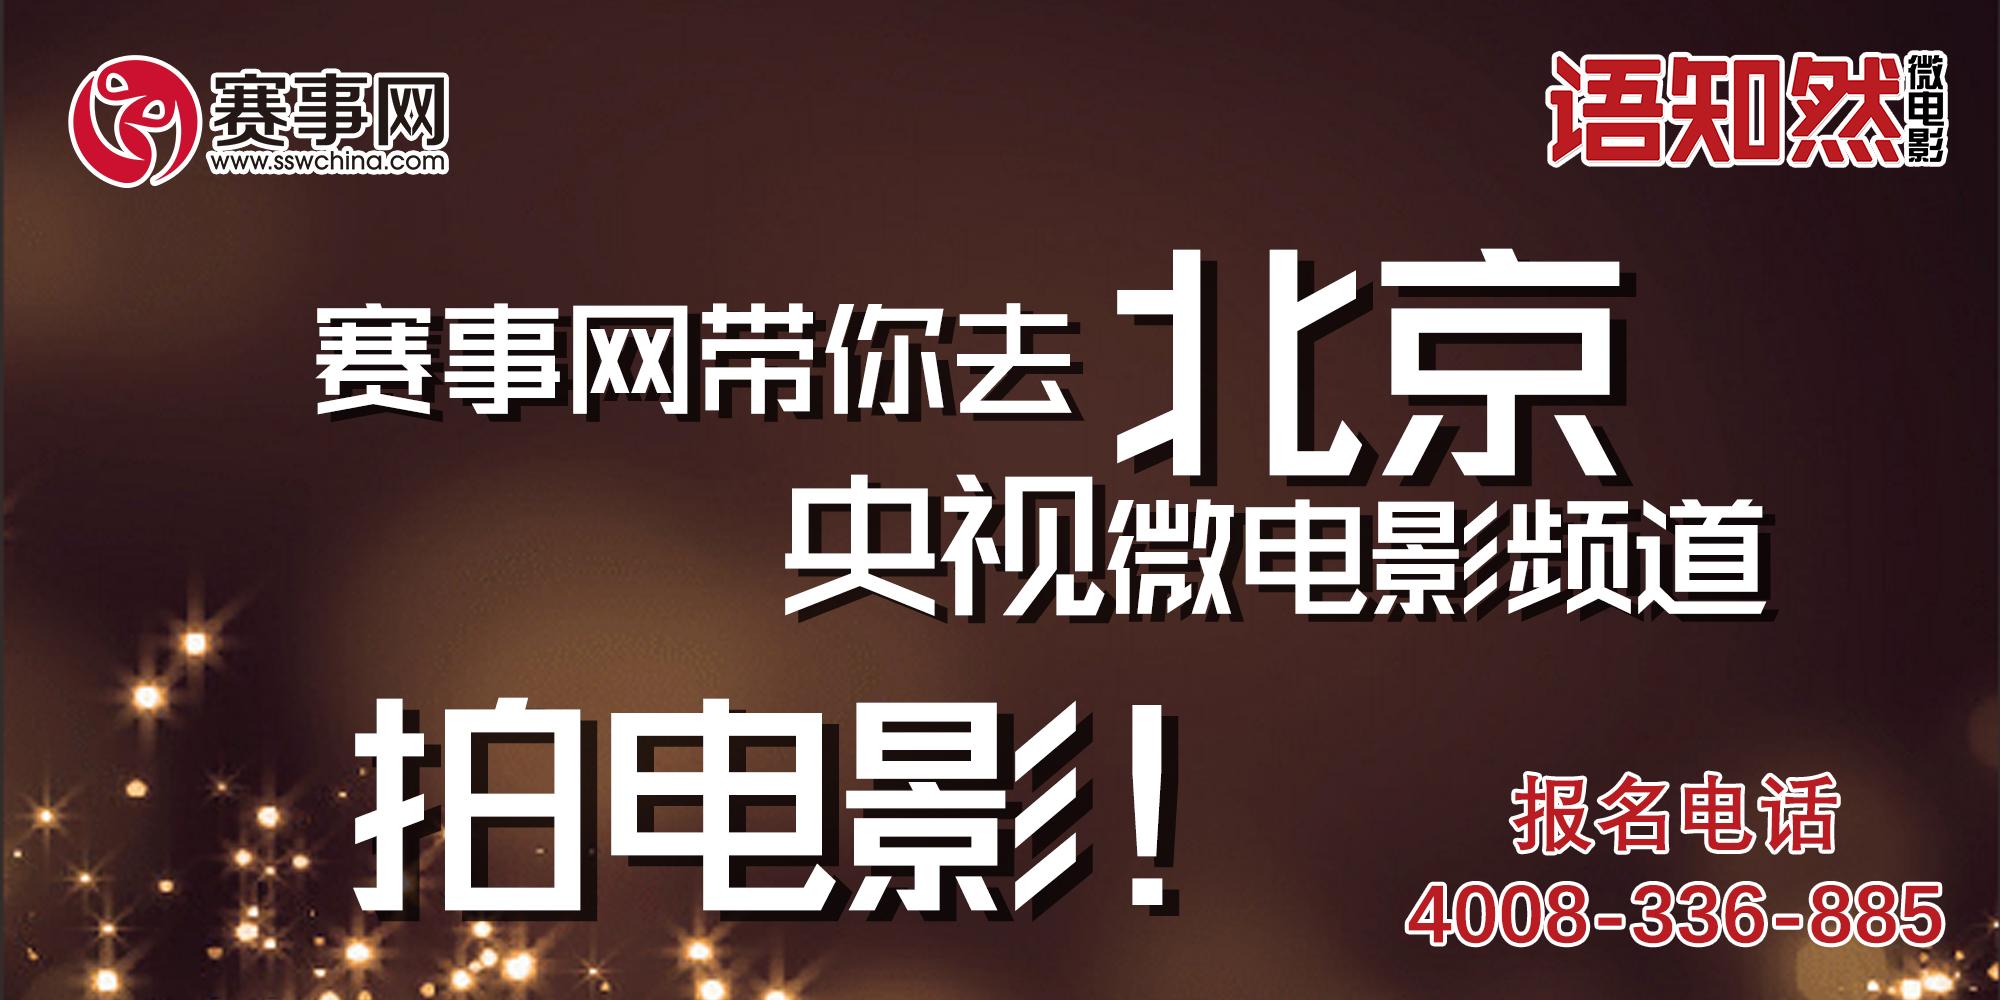 赛事网带你去北京 进央视拍电影!